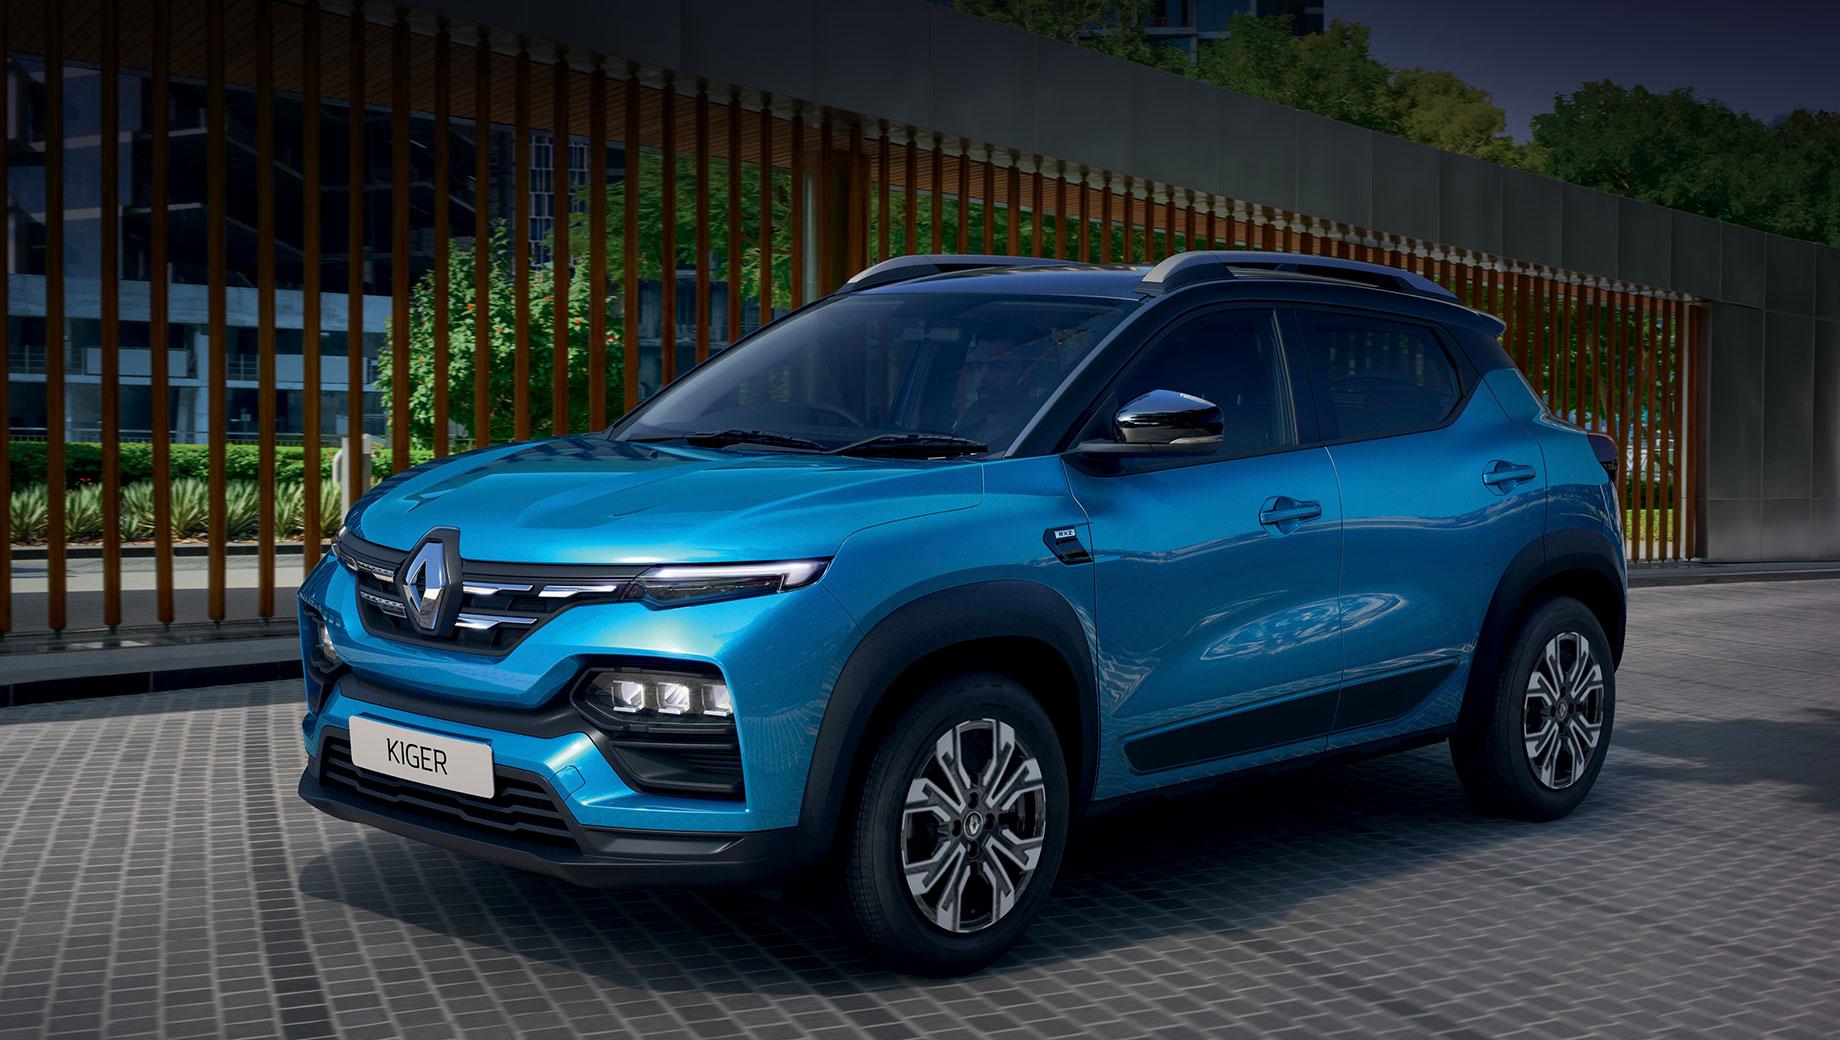 Renault kiger. Реношники не скрывают, что Kiger унифицирован с трёхрядным микровэном Renault Triber. У Кайгера схожие размеры: длина — 3991 мм (+1), ширина — 1750 (+11), высота — 1600 (-43), колёсная база — 2500 (-136), клиренс — 205 мм (+23). Снаряжённая масса составляет 1012 кг (+38).